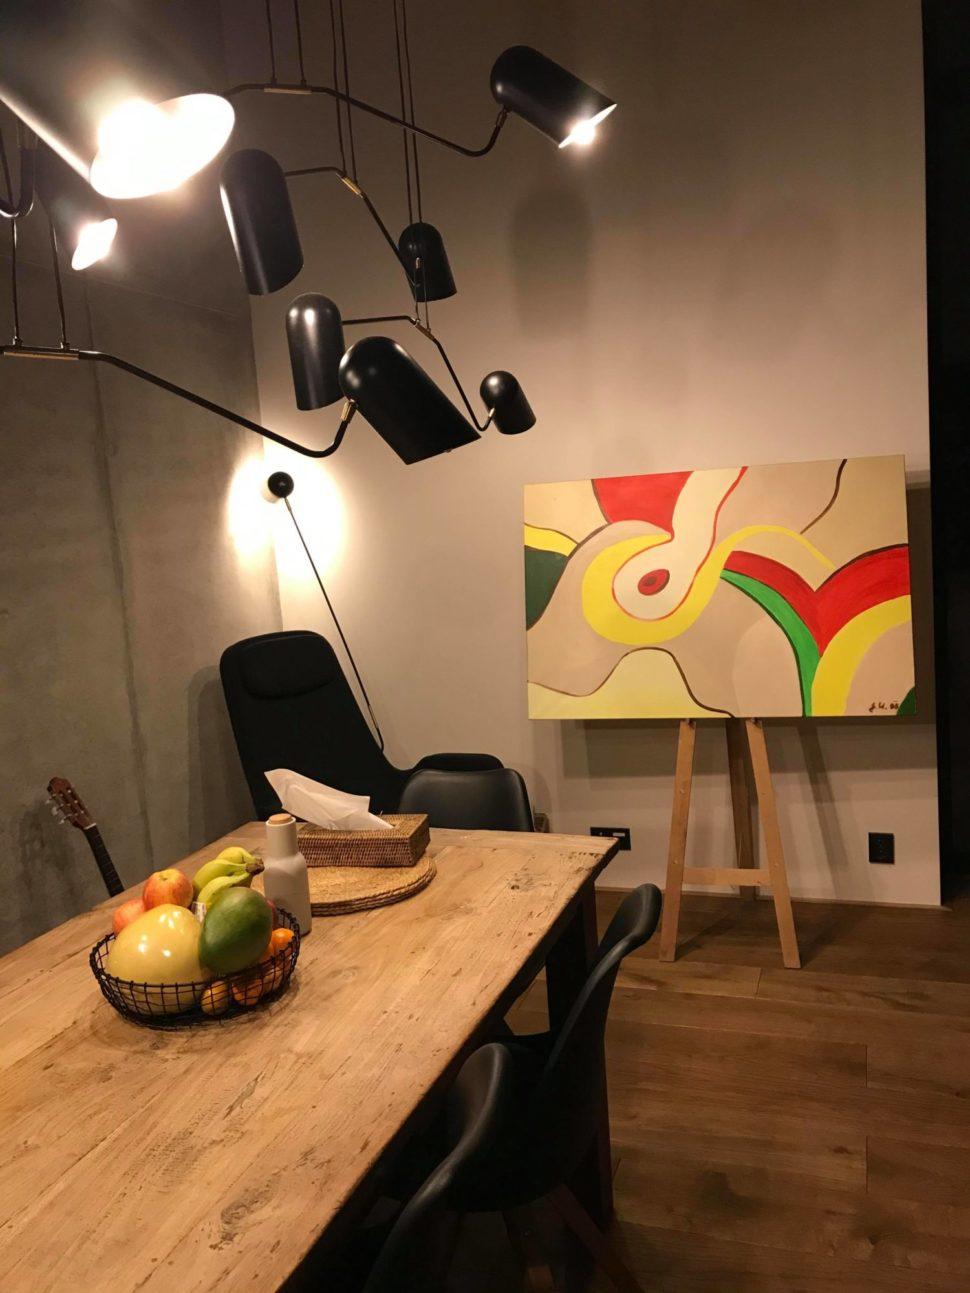 Moderní osobní abstraktní obraz Jane H. vinteriéru domu